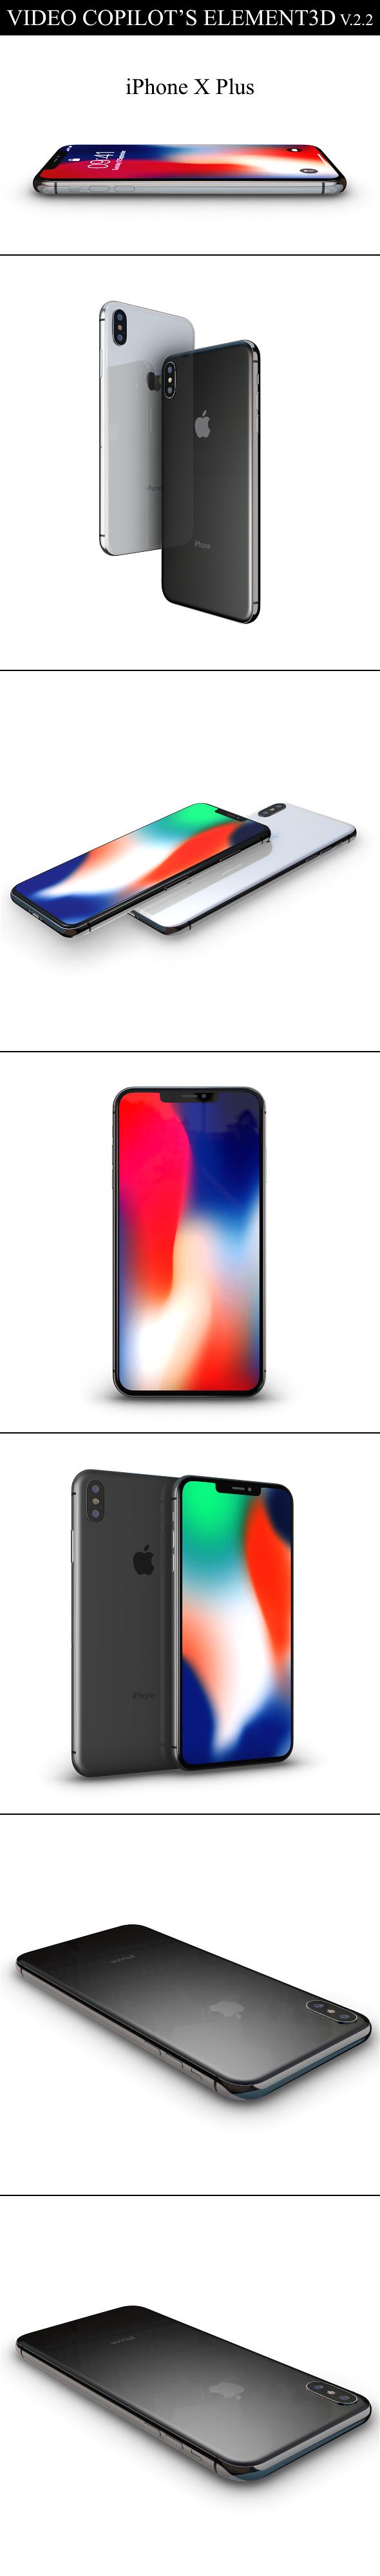 Element3D - iPhone X Plus - 3DOcean Item for Sale